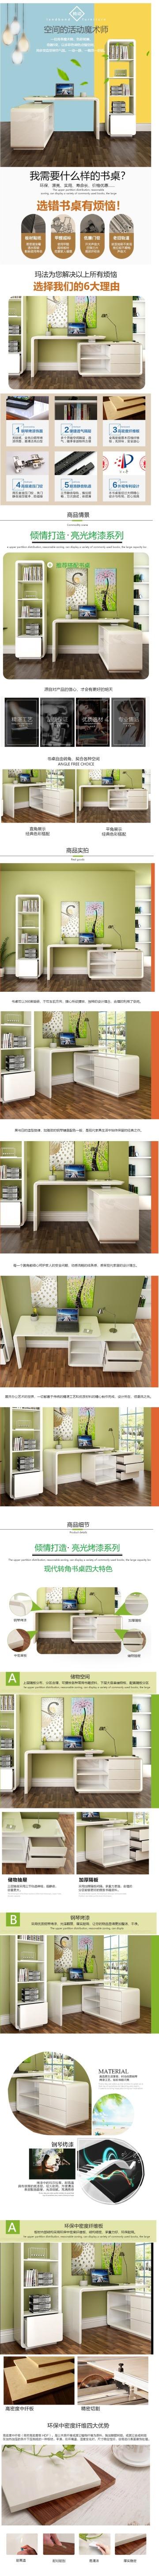 绿色时尚简约家居家装书桌宣传营销电商详情页